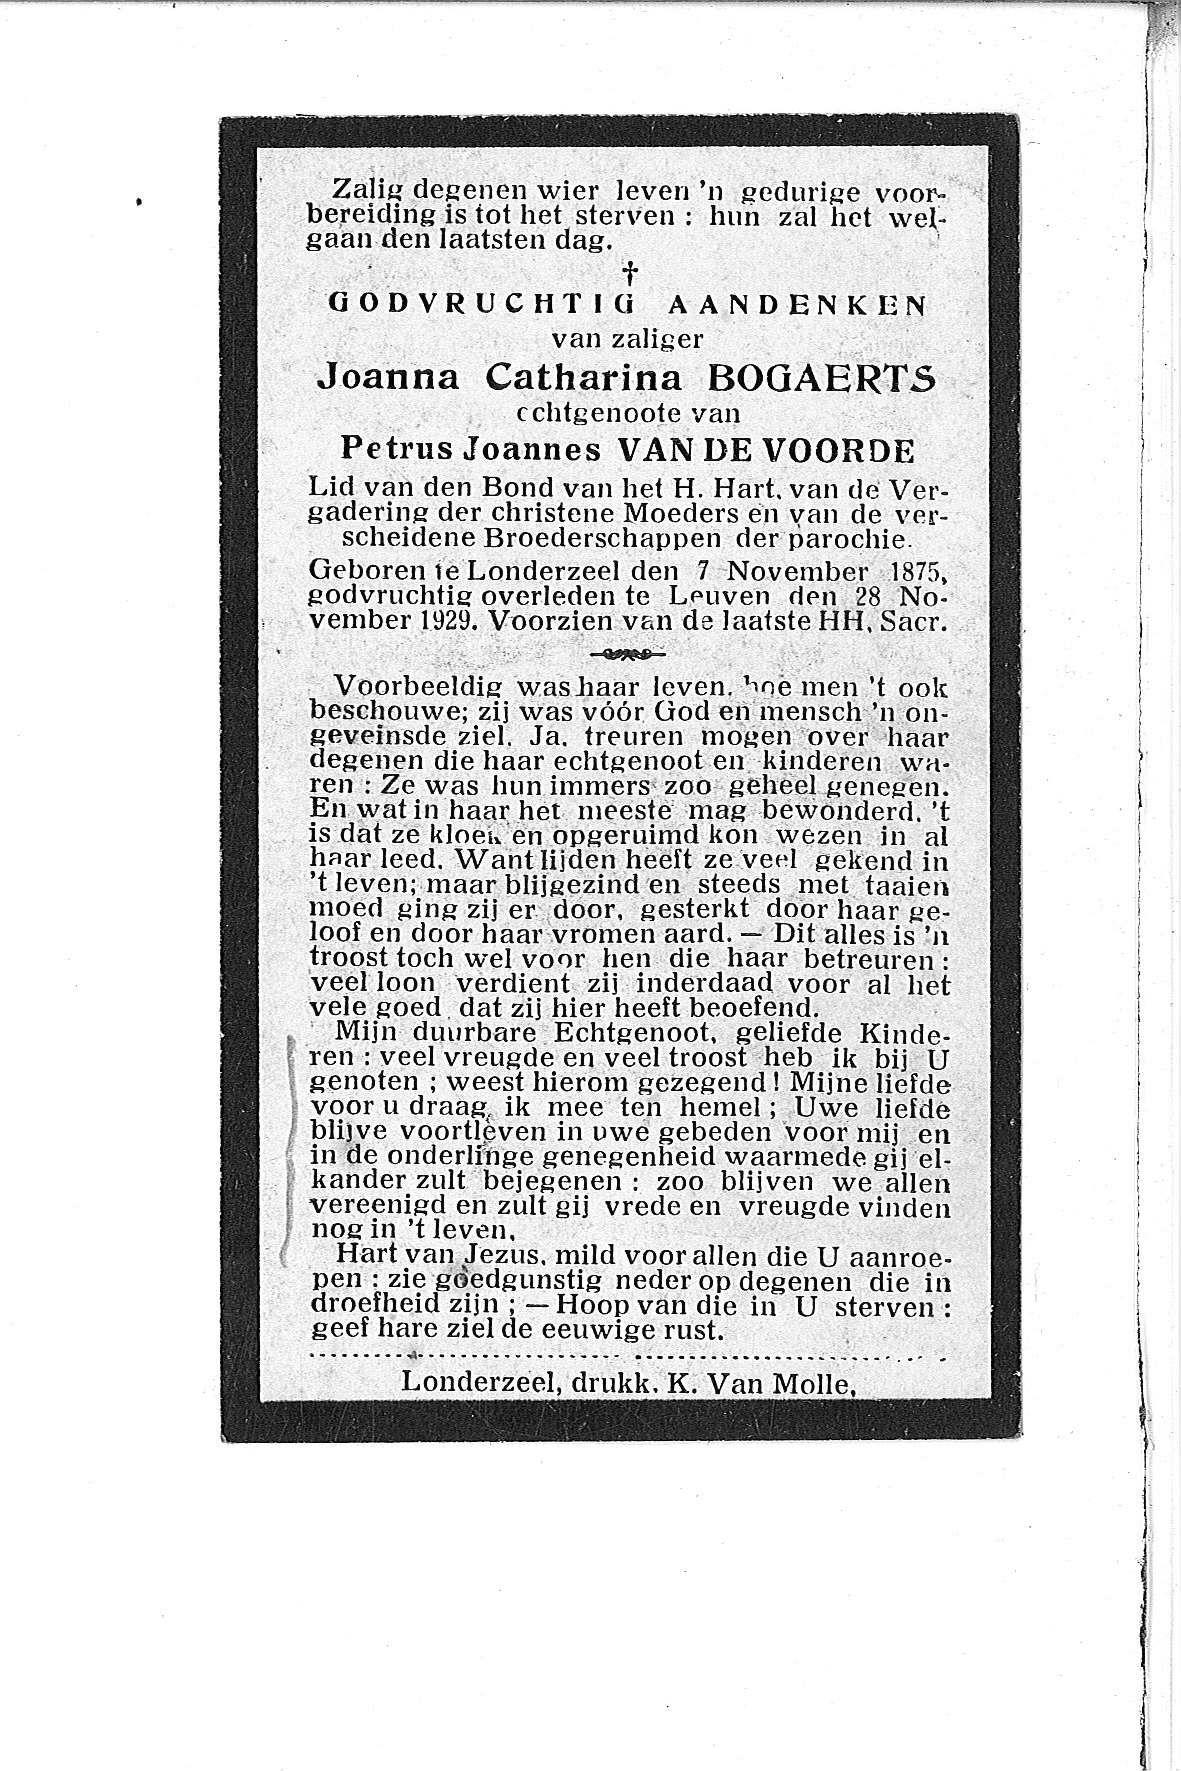 Joanna-Catharina(1929)20110318084748_00035.jpg